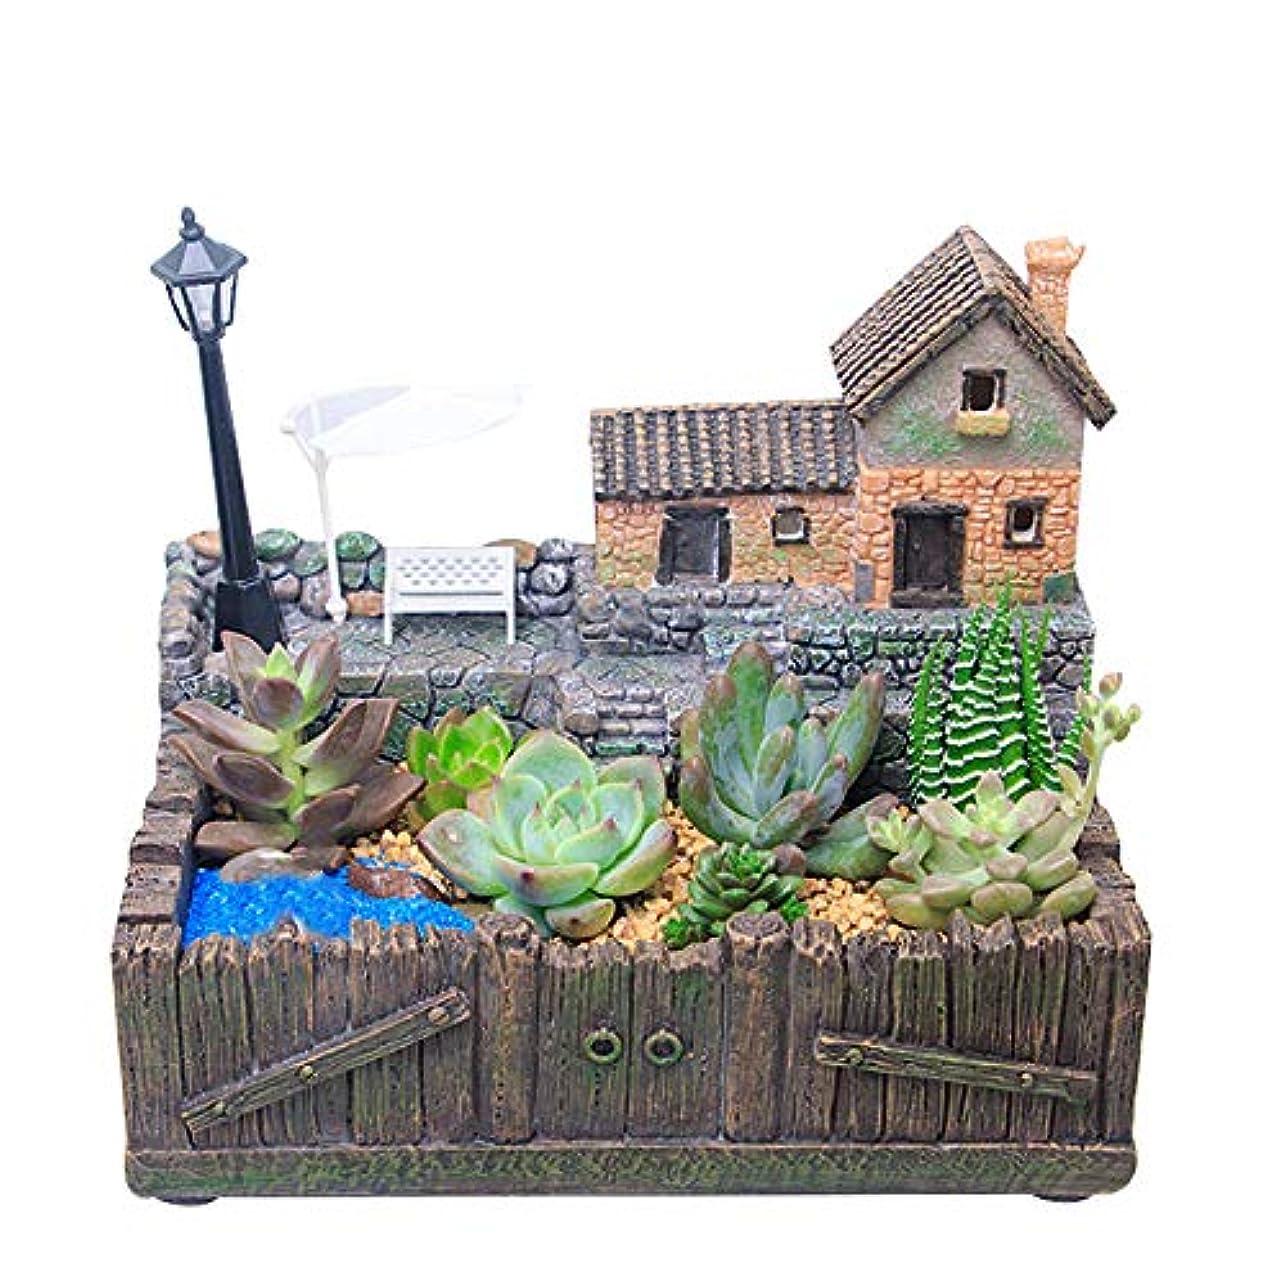 うつインシュレータ情熱DOMO DIYデスクトップ盆栽 多肉植物の植木鉢 植物の装飾 リビングルーム 机 誕生日プレゼント